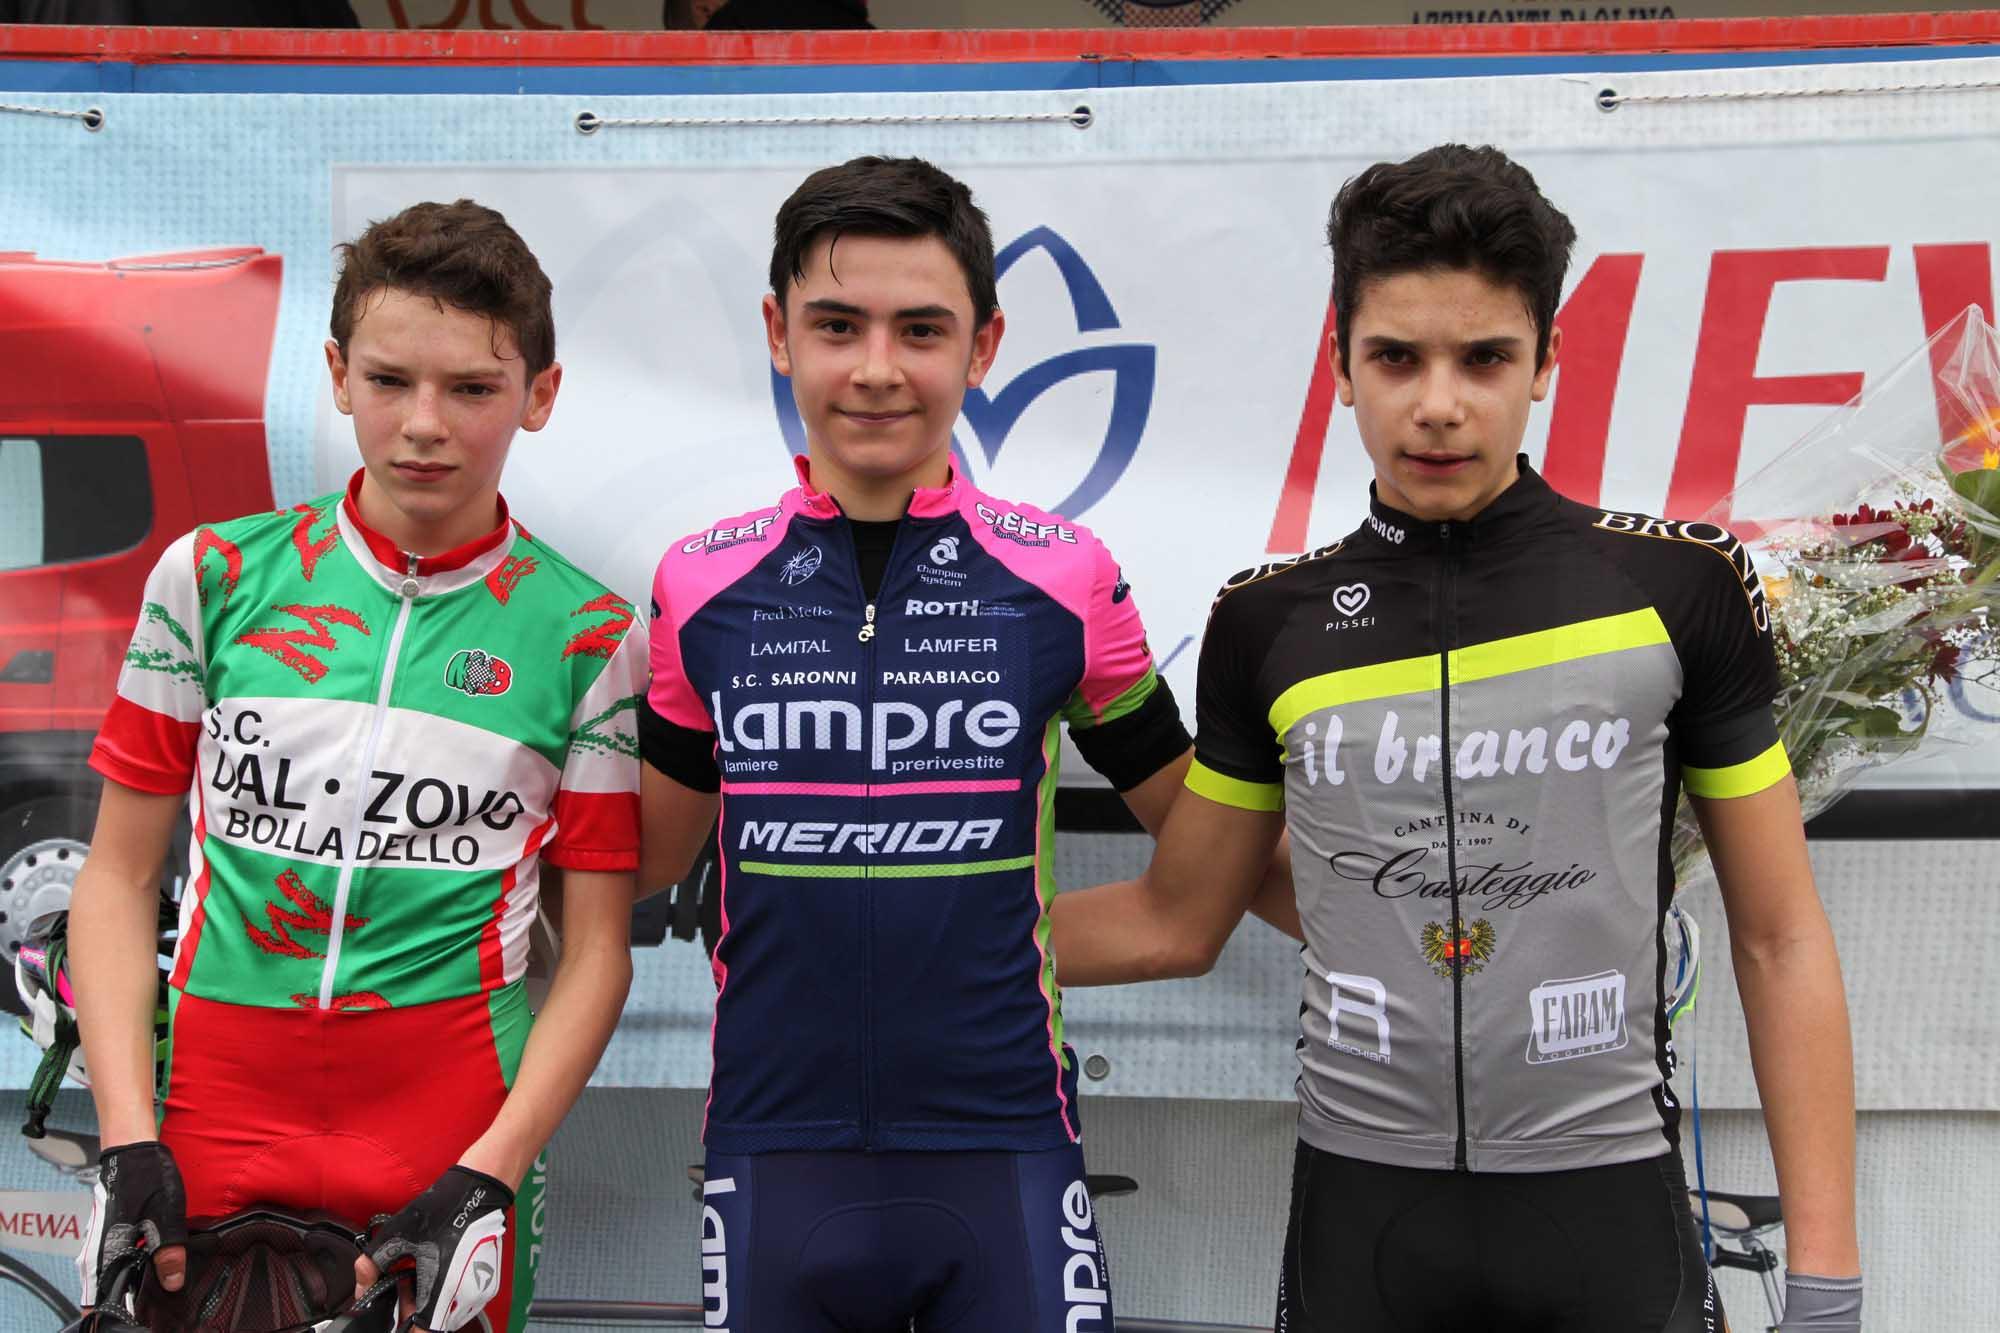 Il podio Esordienti 2° anno a Turbigo